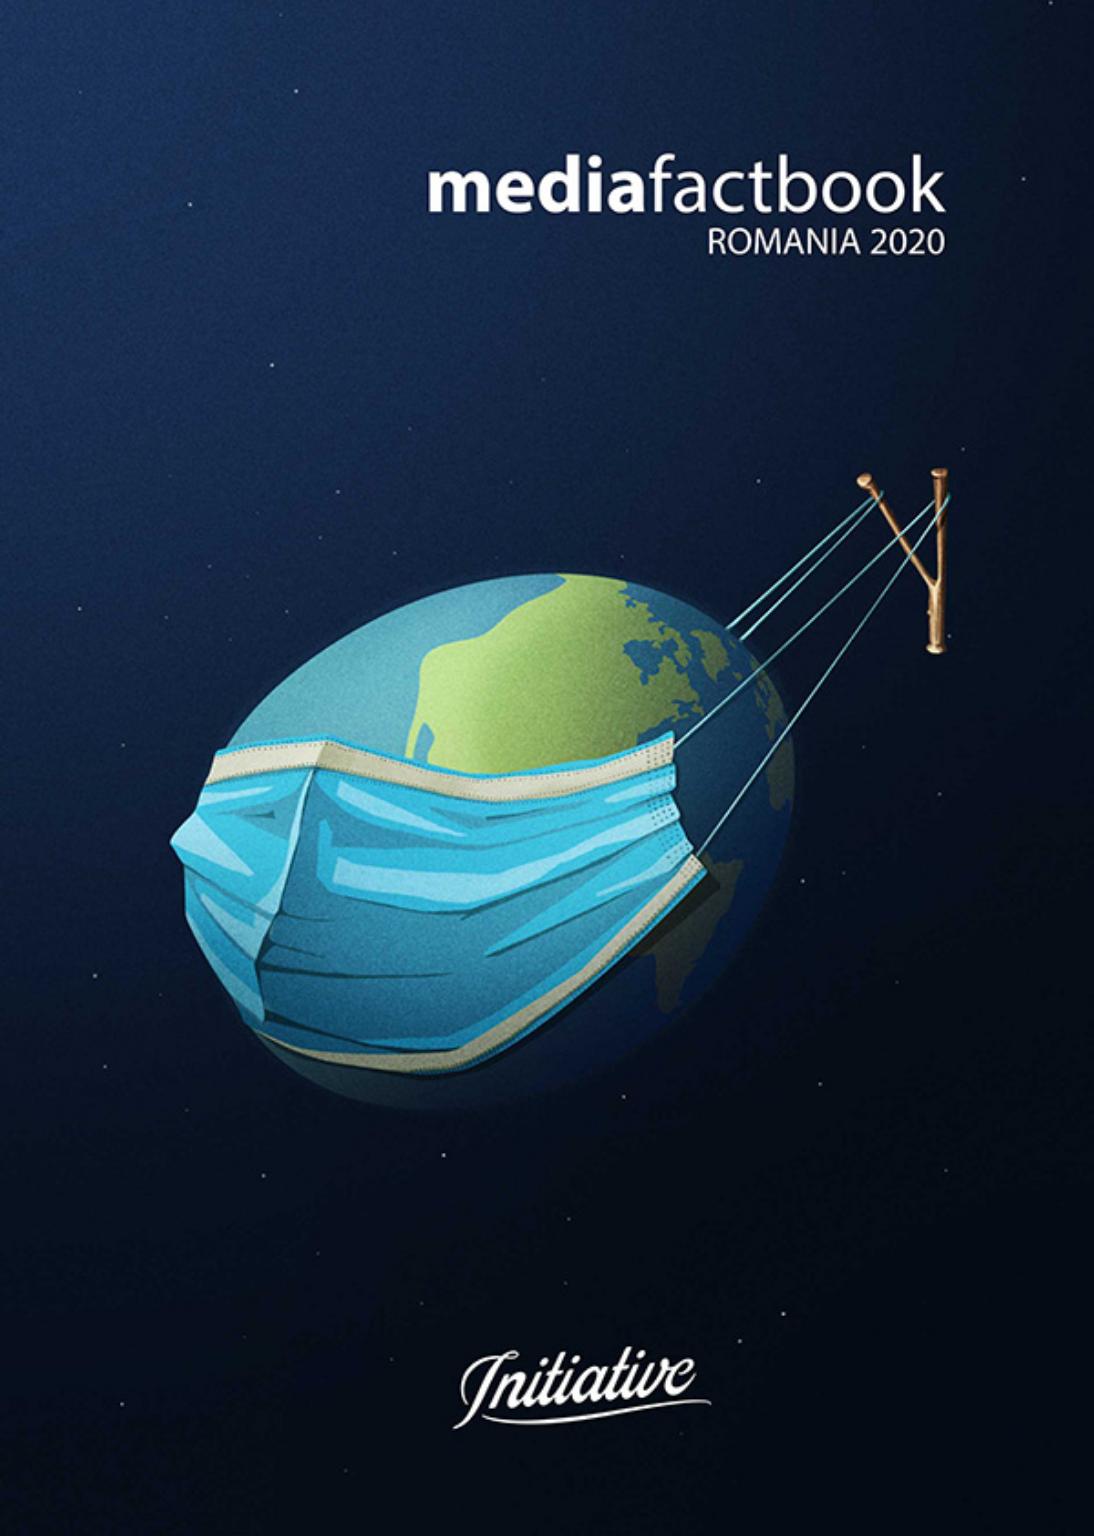 Piaţa de media din România a scăzut cu 2,7% în 2020